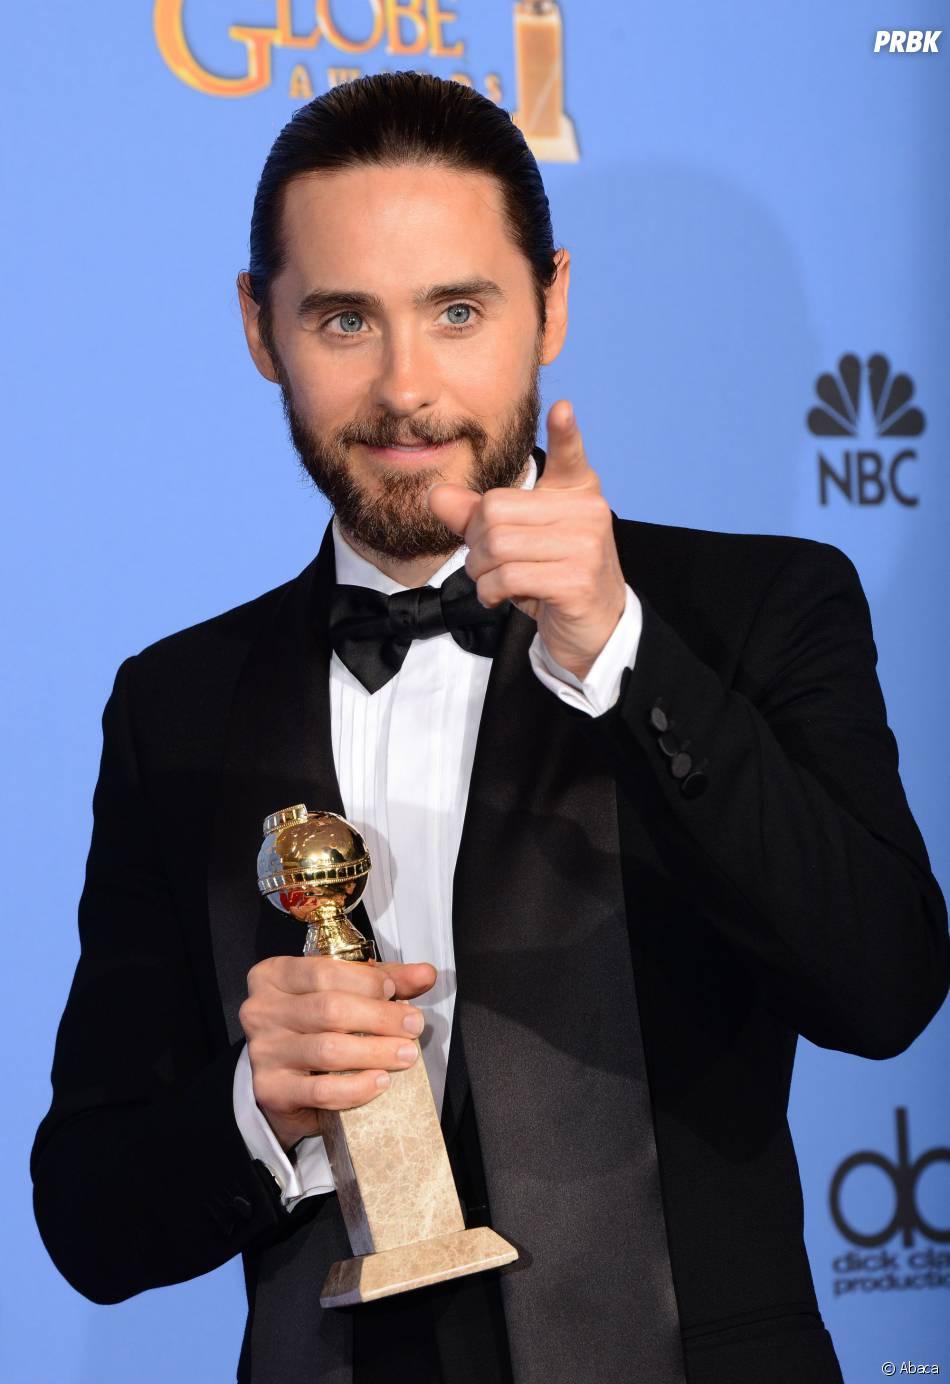 Jared Leto gagnant du prix de meilleur second rôle masculin pour Dallas Buyers Club aux Golden Globes et aux SAG Awards